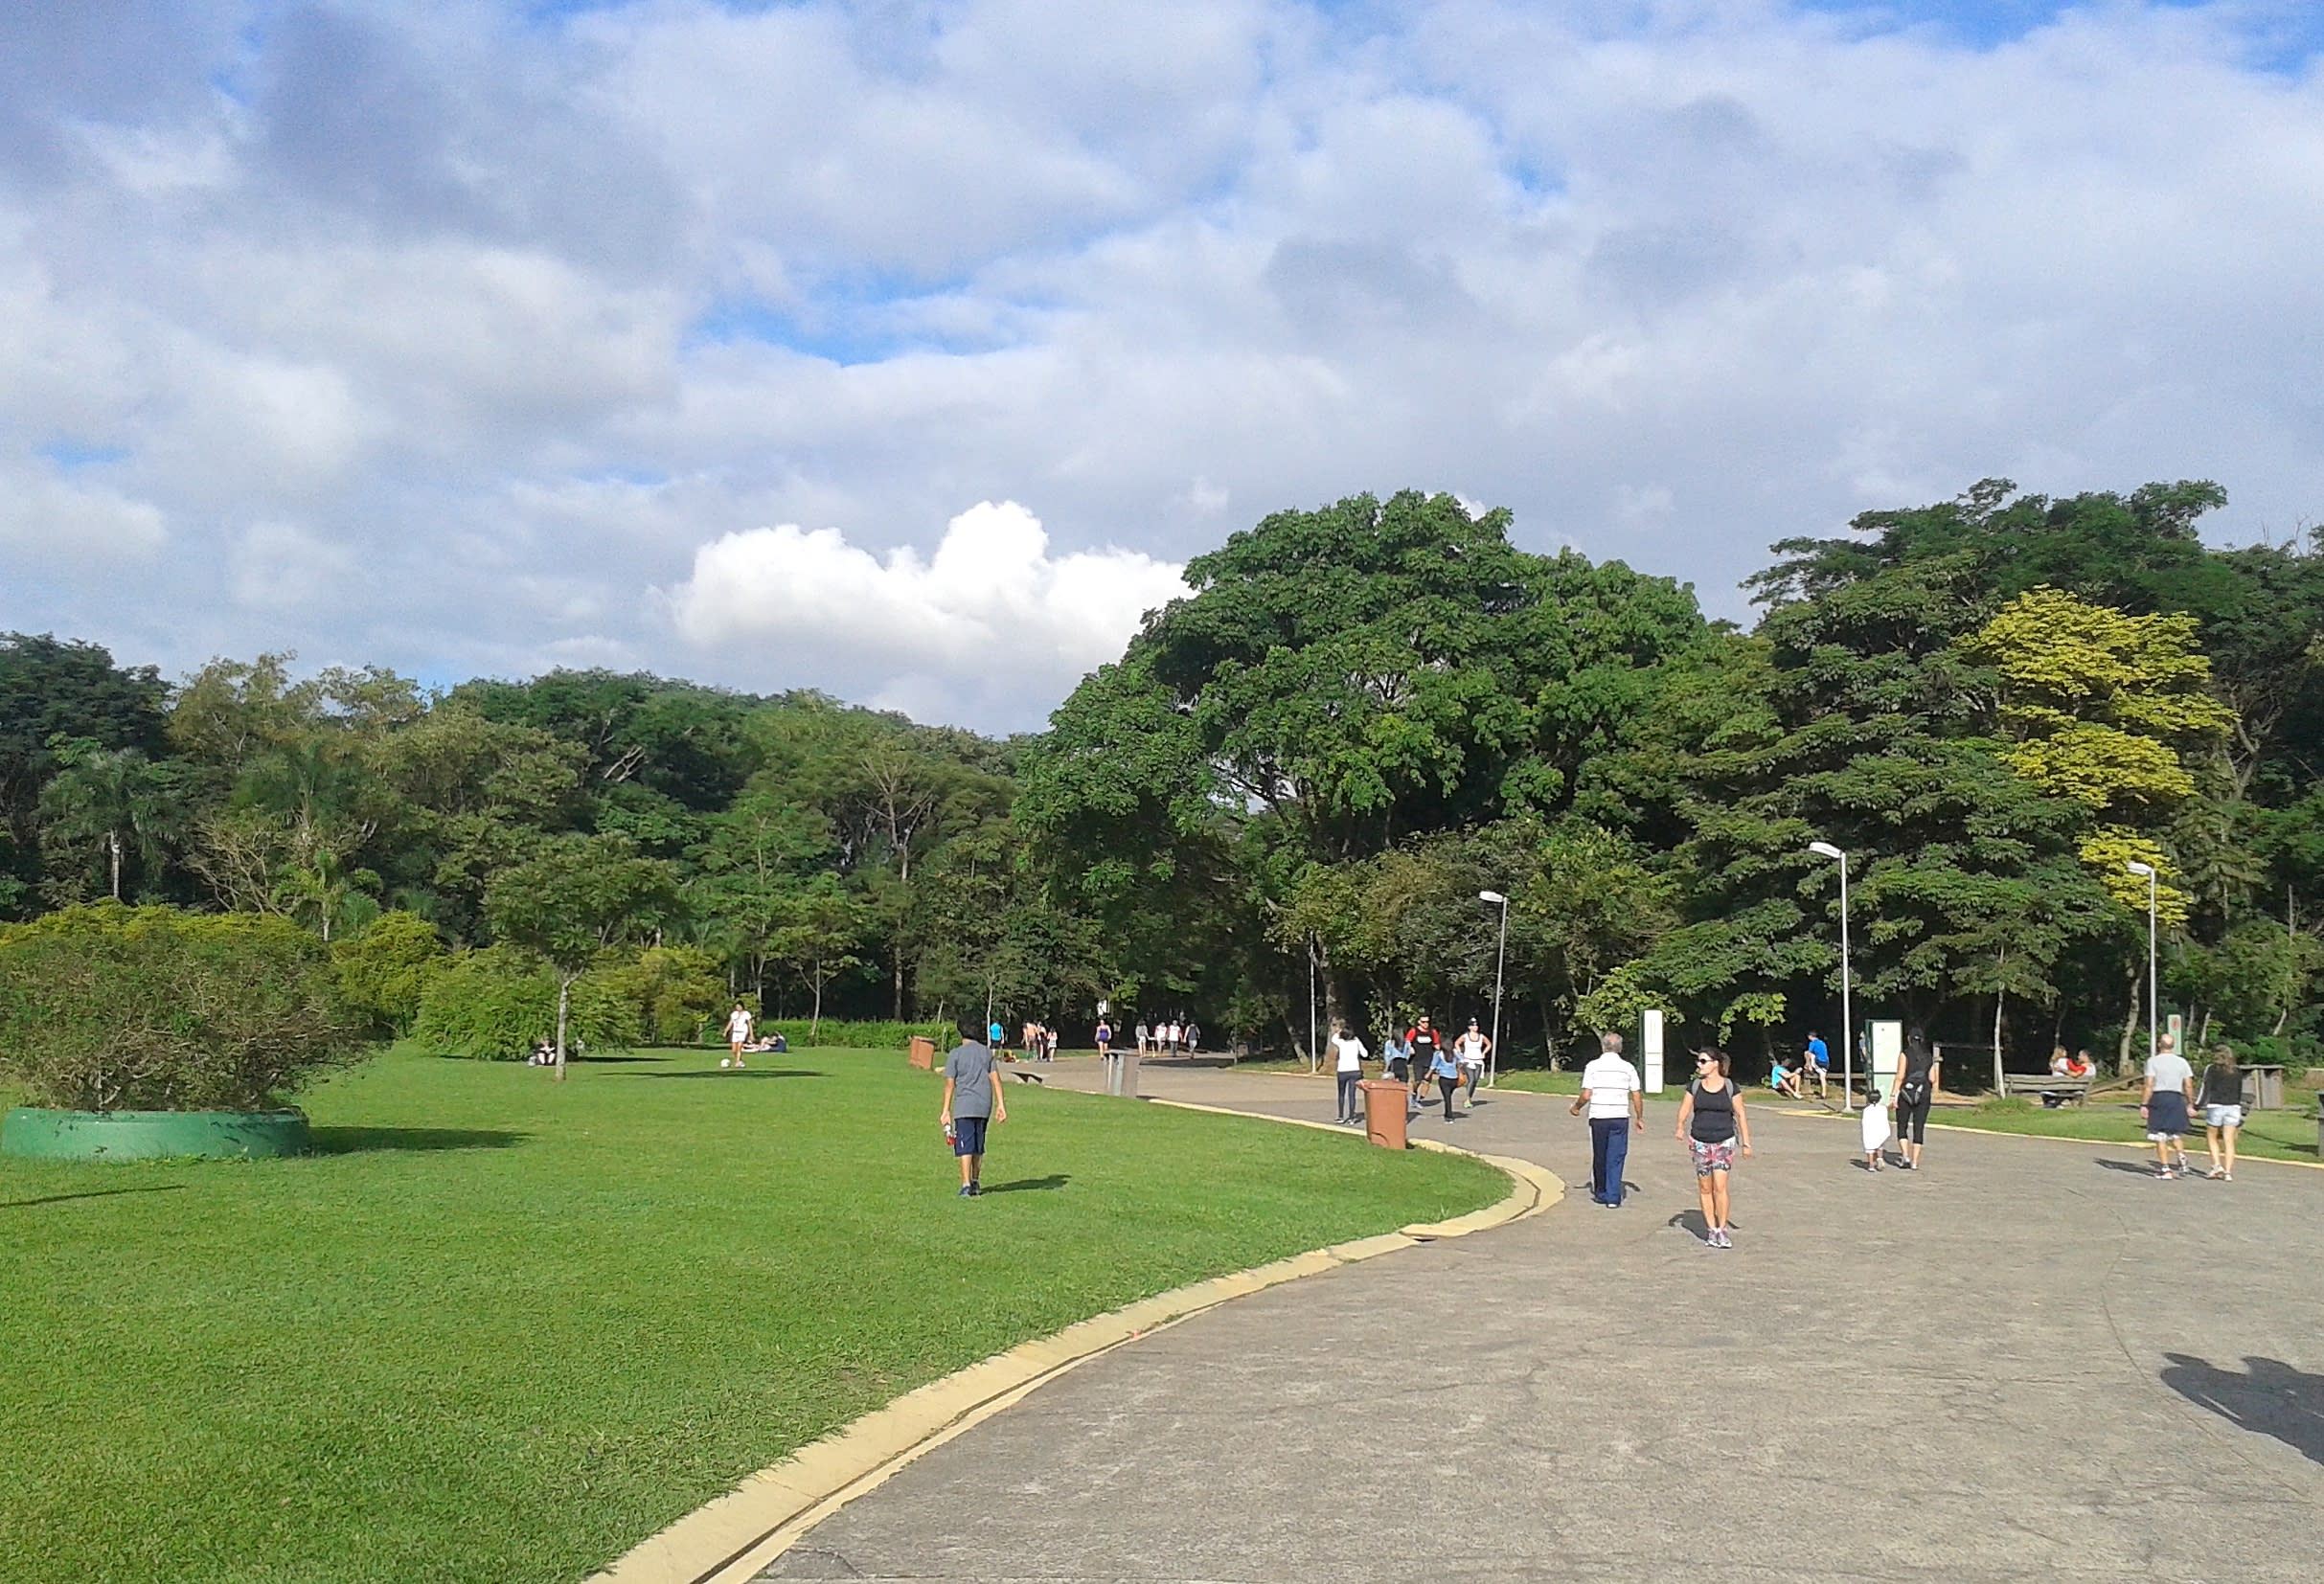 Pessoas caminhando e andando de bicicletas em caminho pavimentado e entre árvores, dentro de um parque